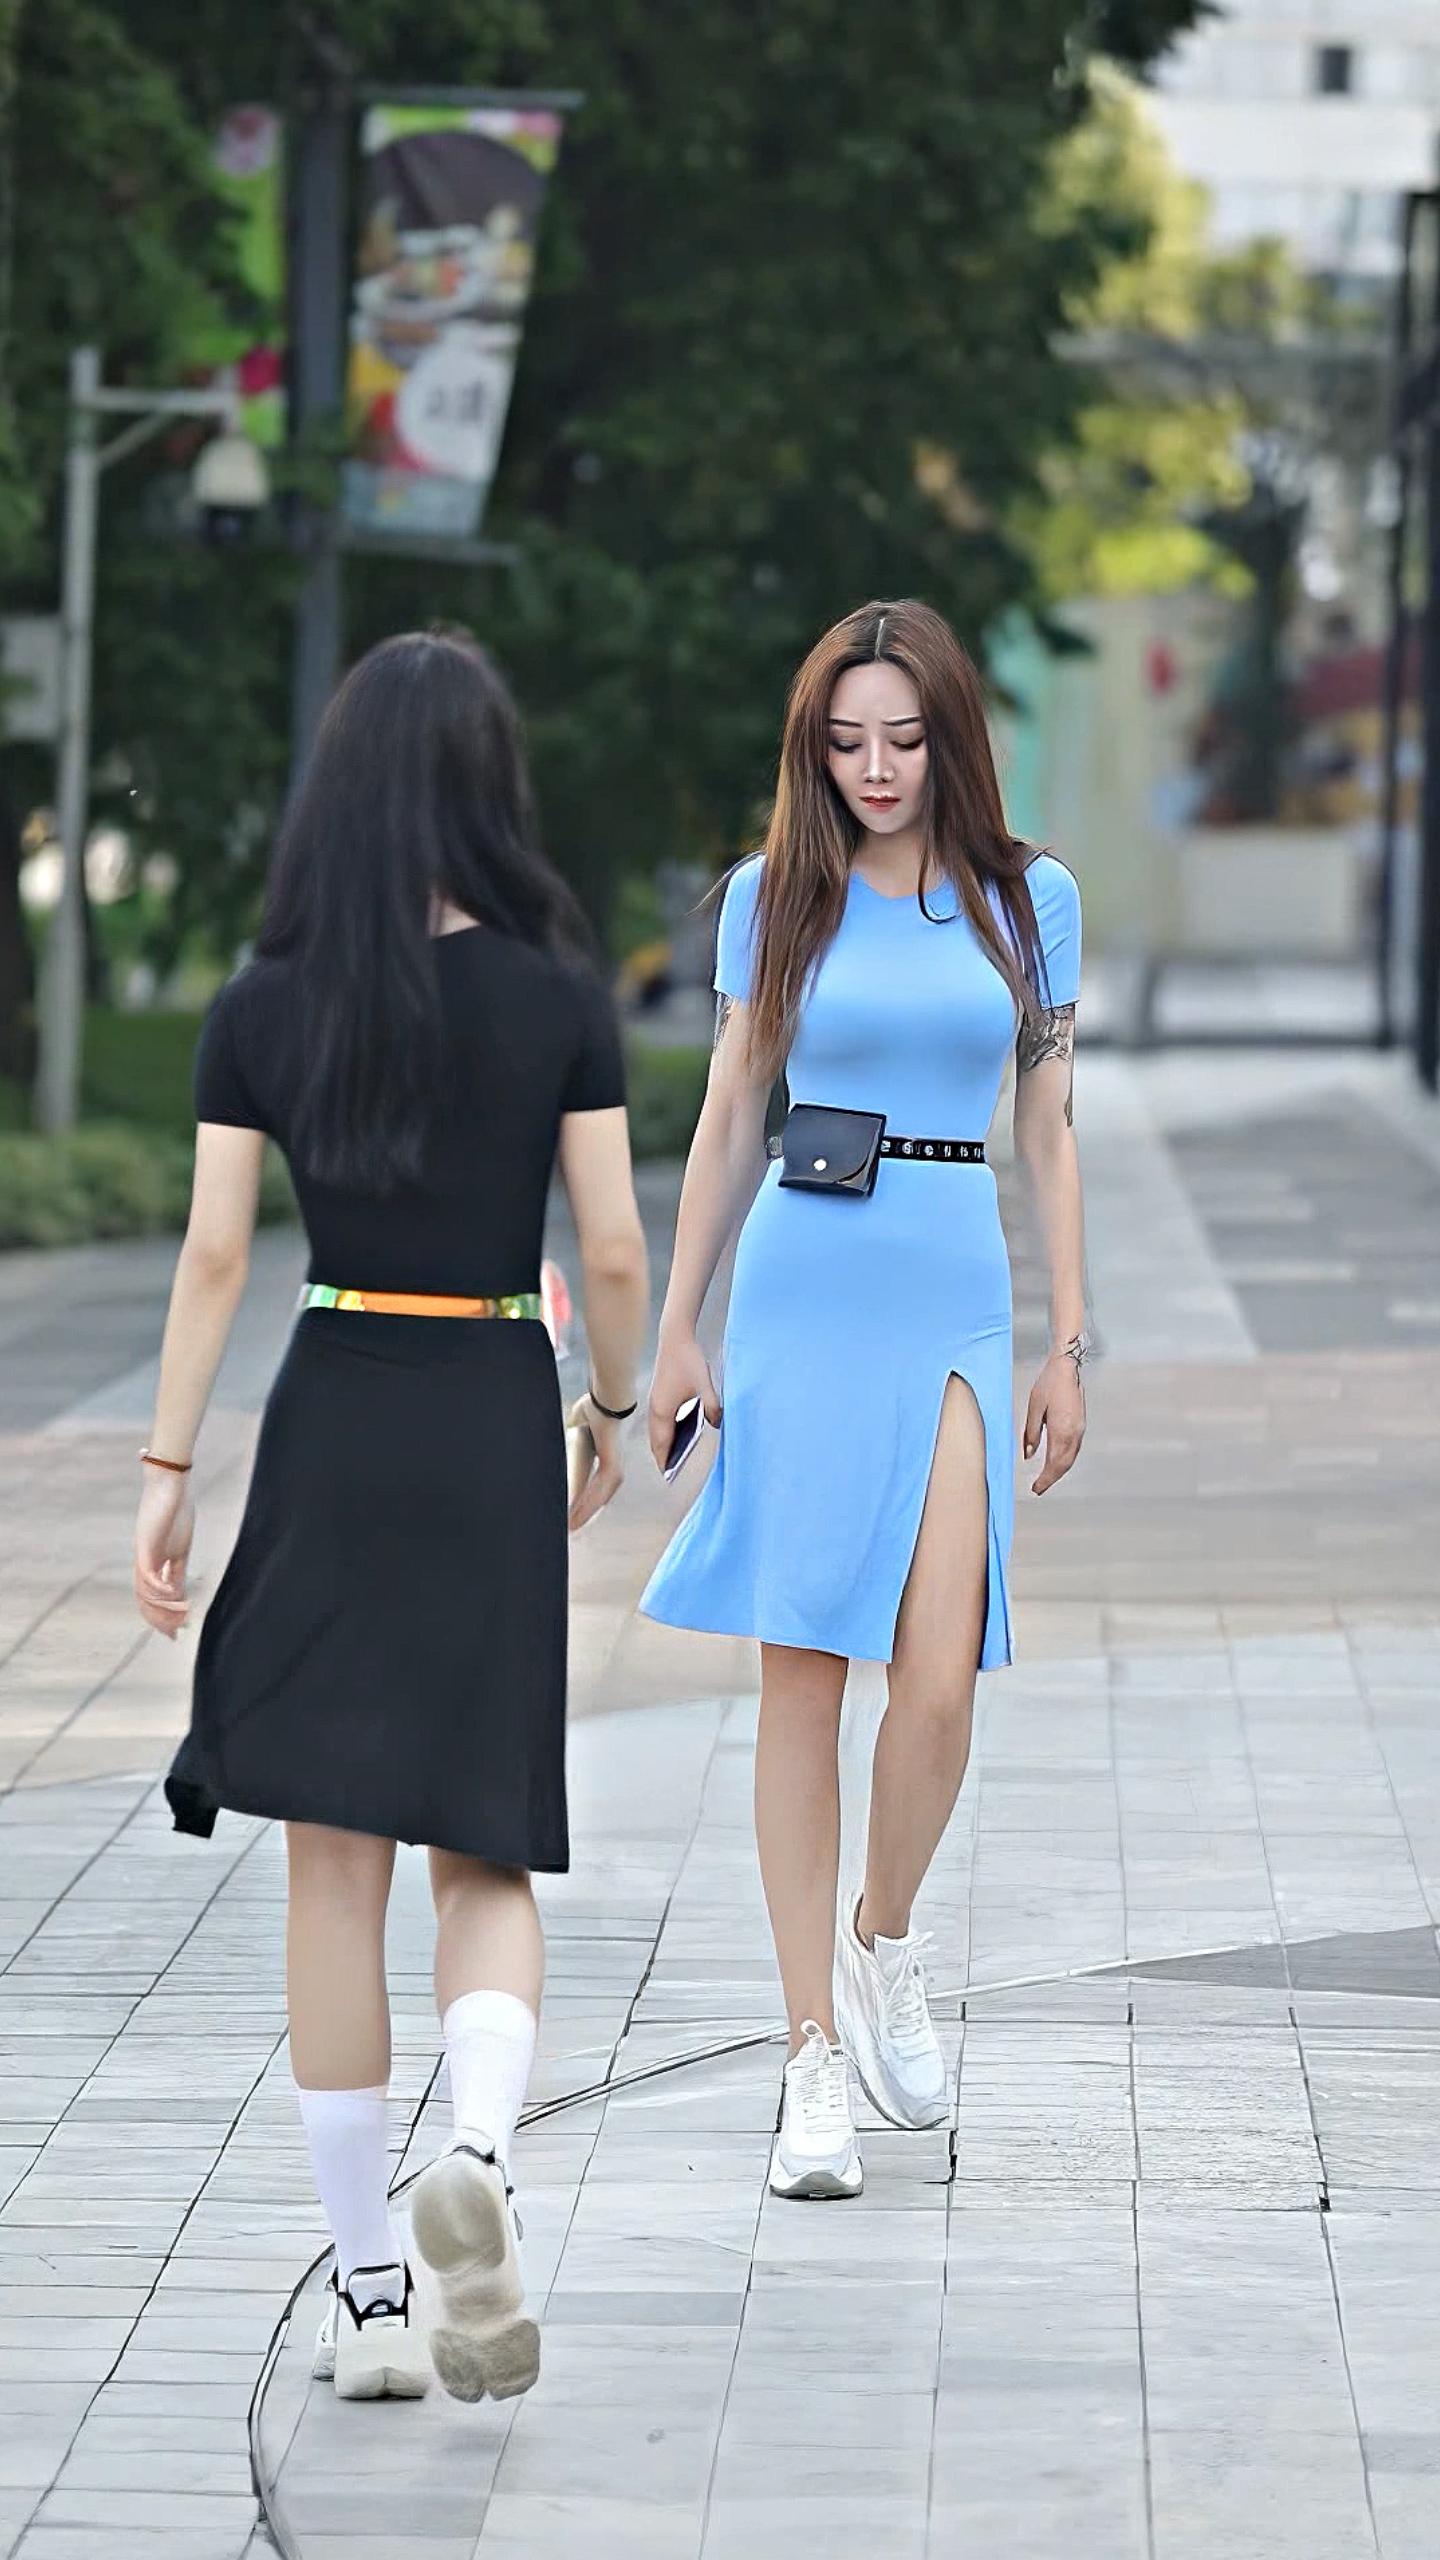 蓝色长裙怎么穿搭,才能显得不过时,而且还可爱